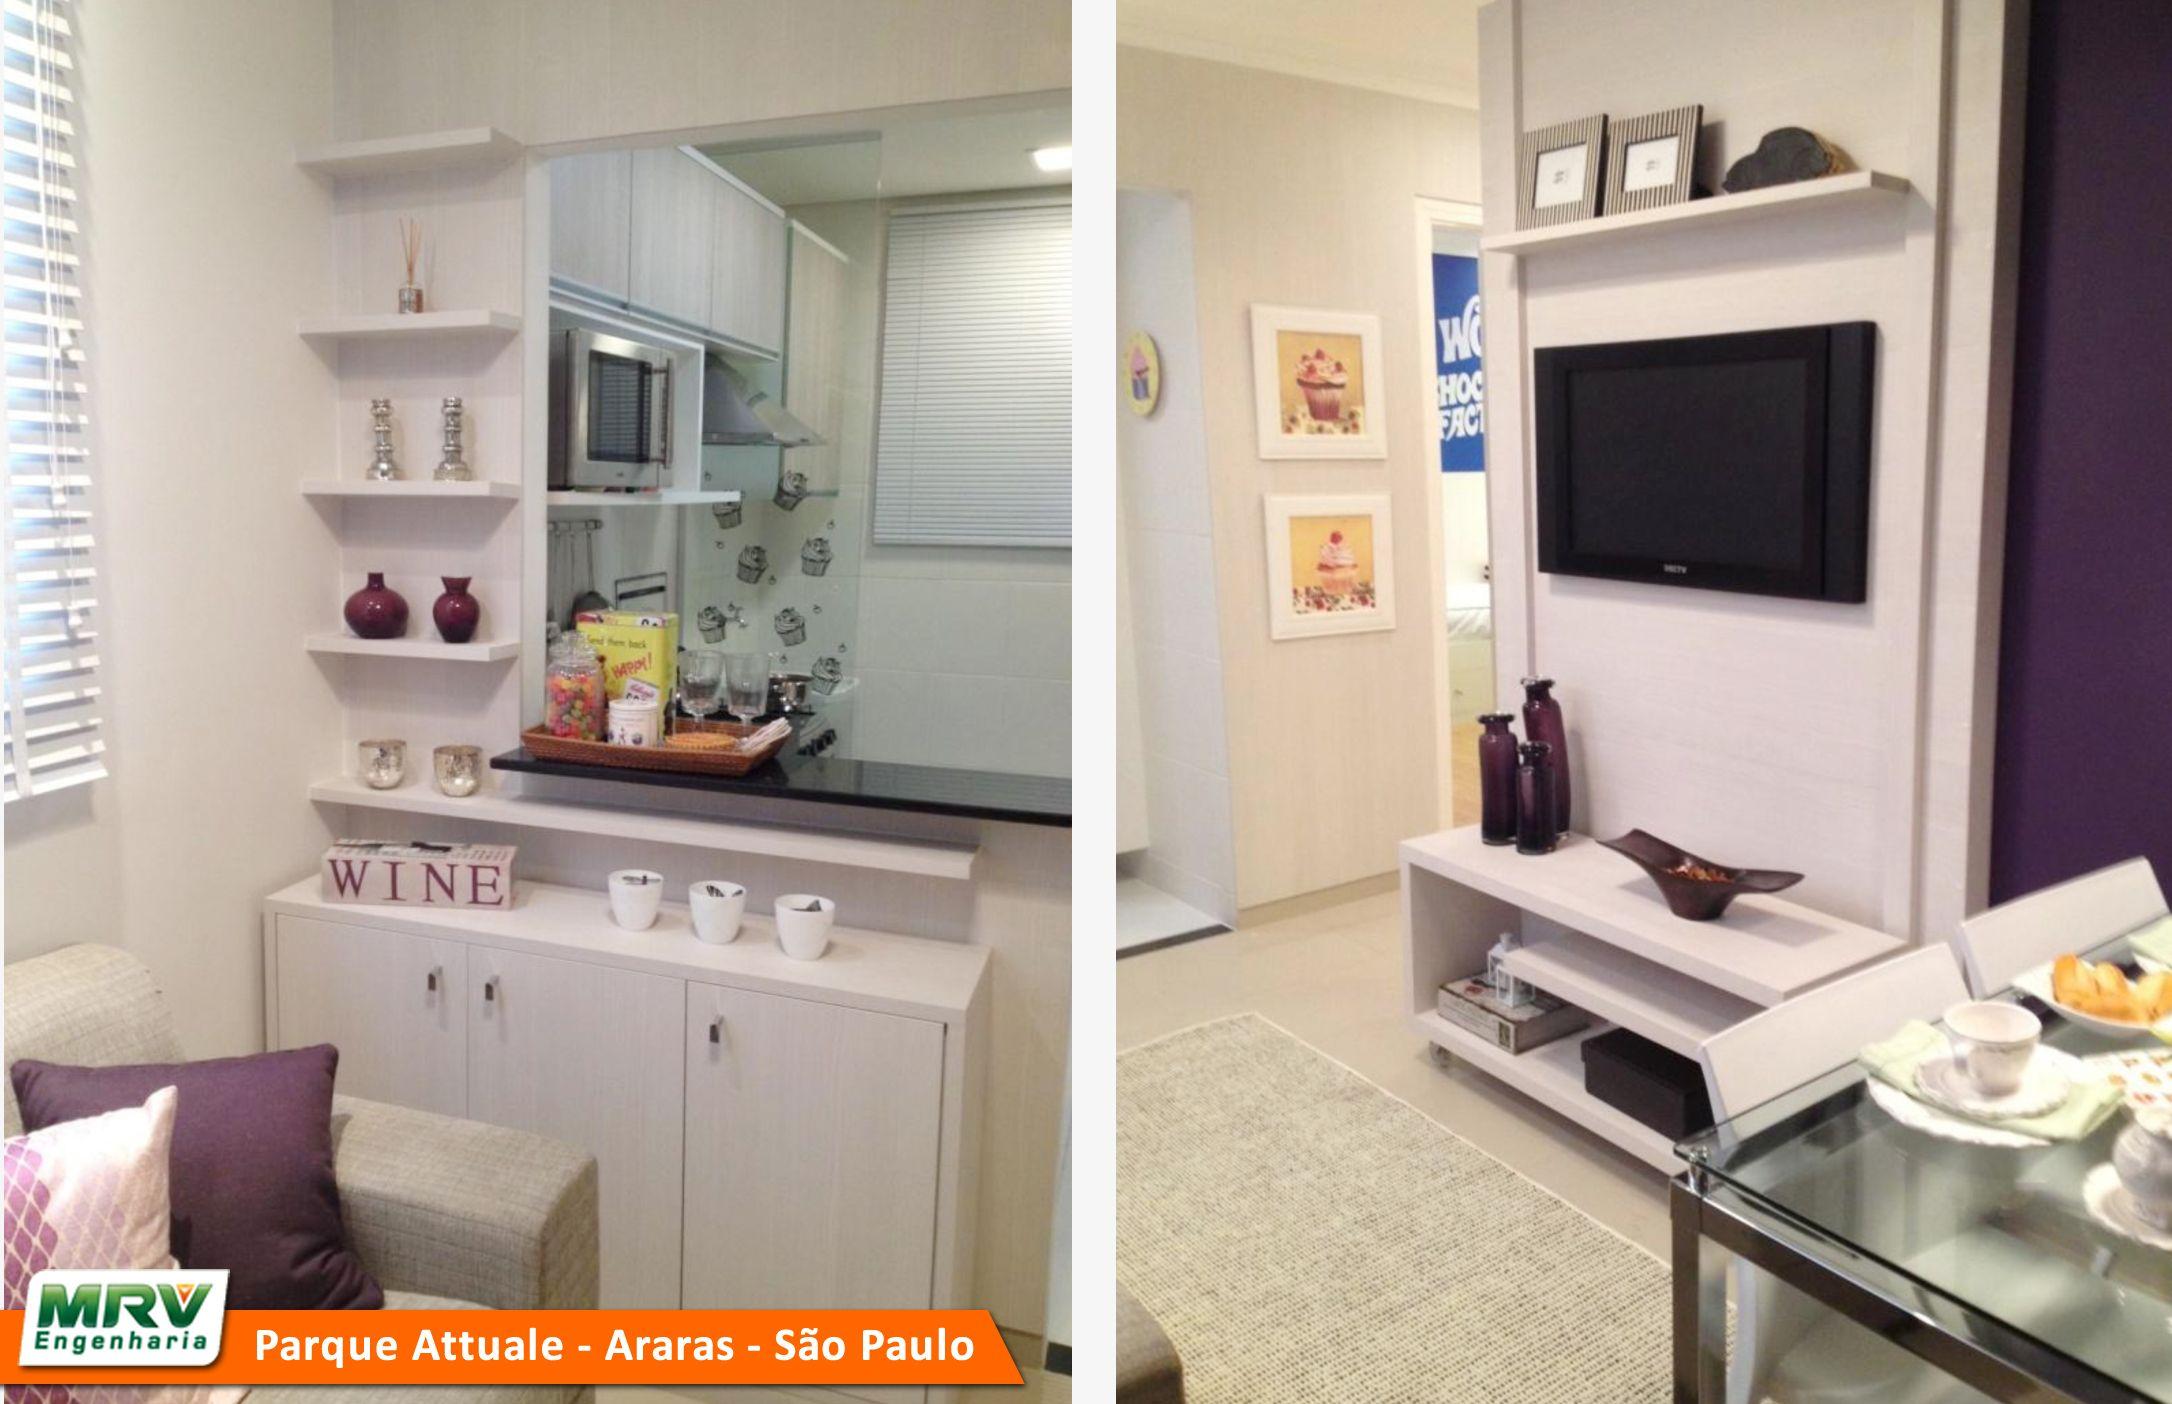 #C75104 Apartamento decorado 2 quartos do Parque Attualle no bairro Jardim  2172x1404 píxeis em Apartamentos 2 Quartos Decorados